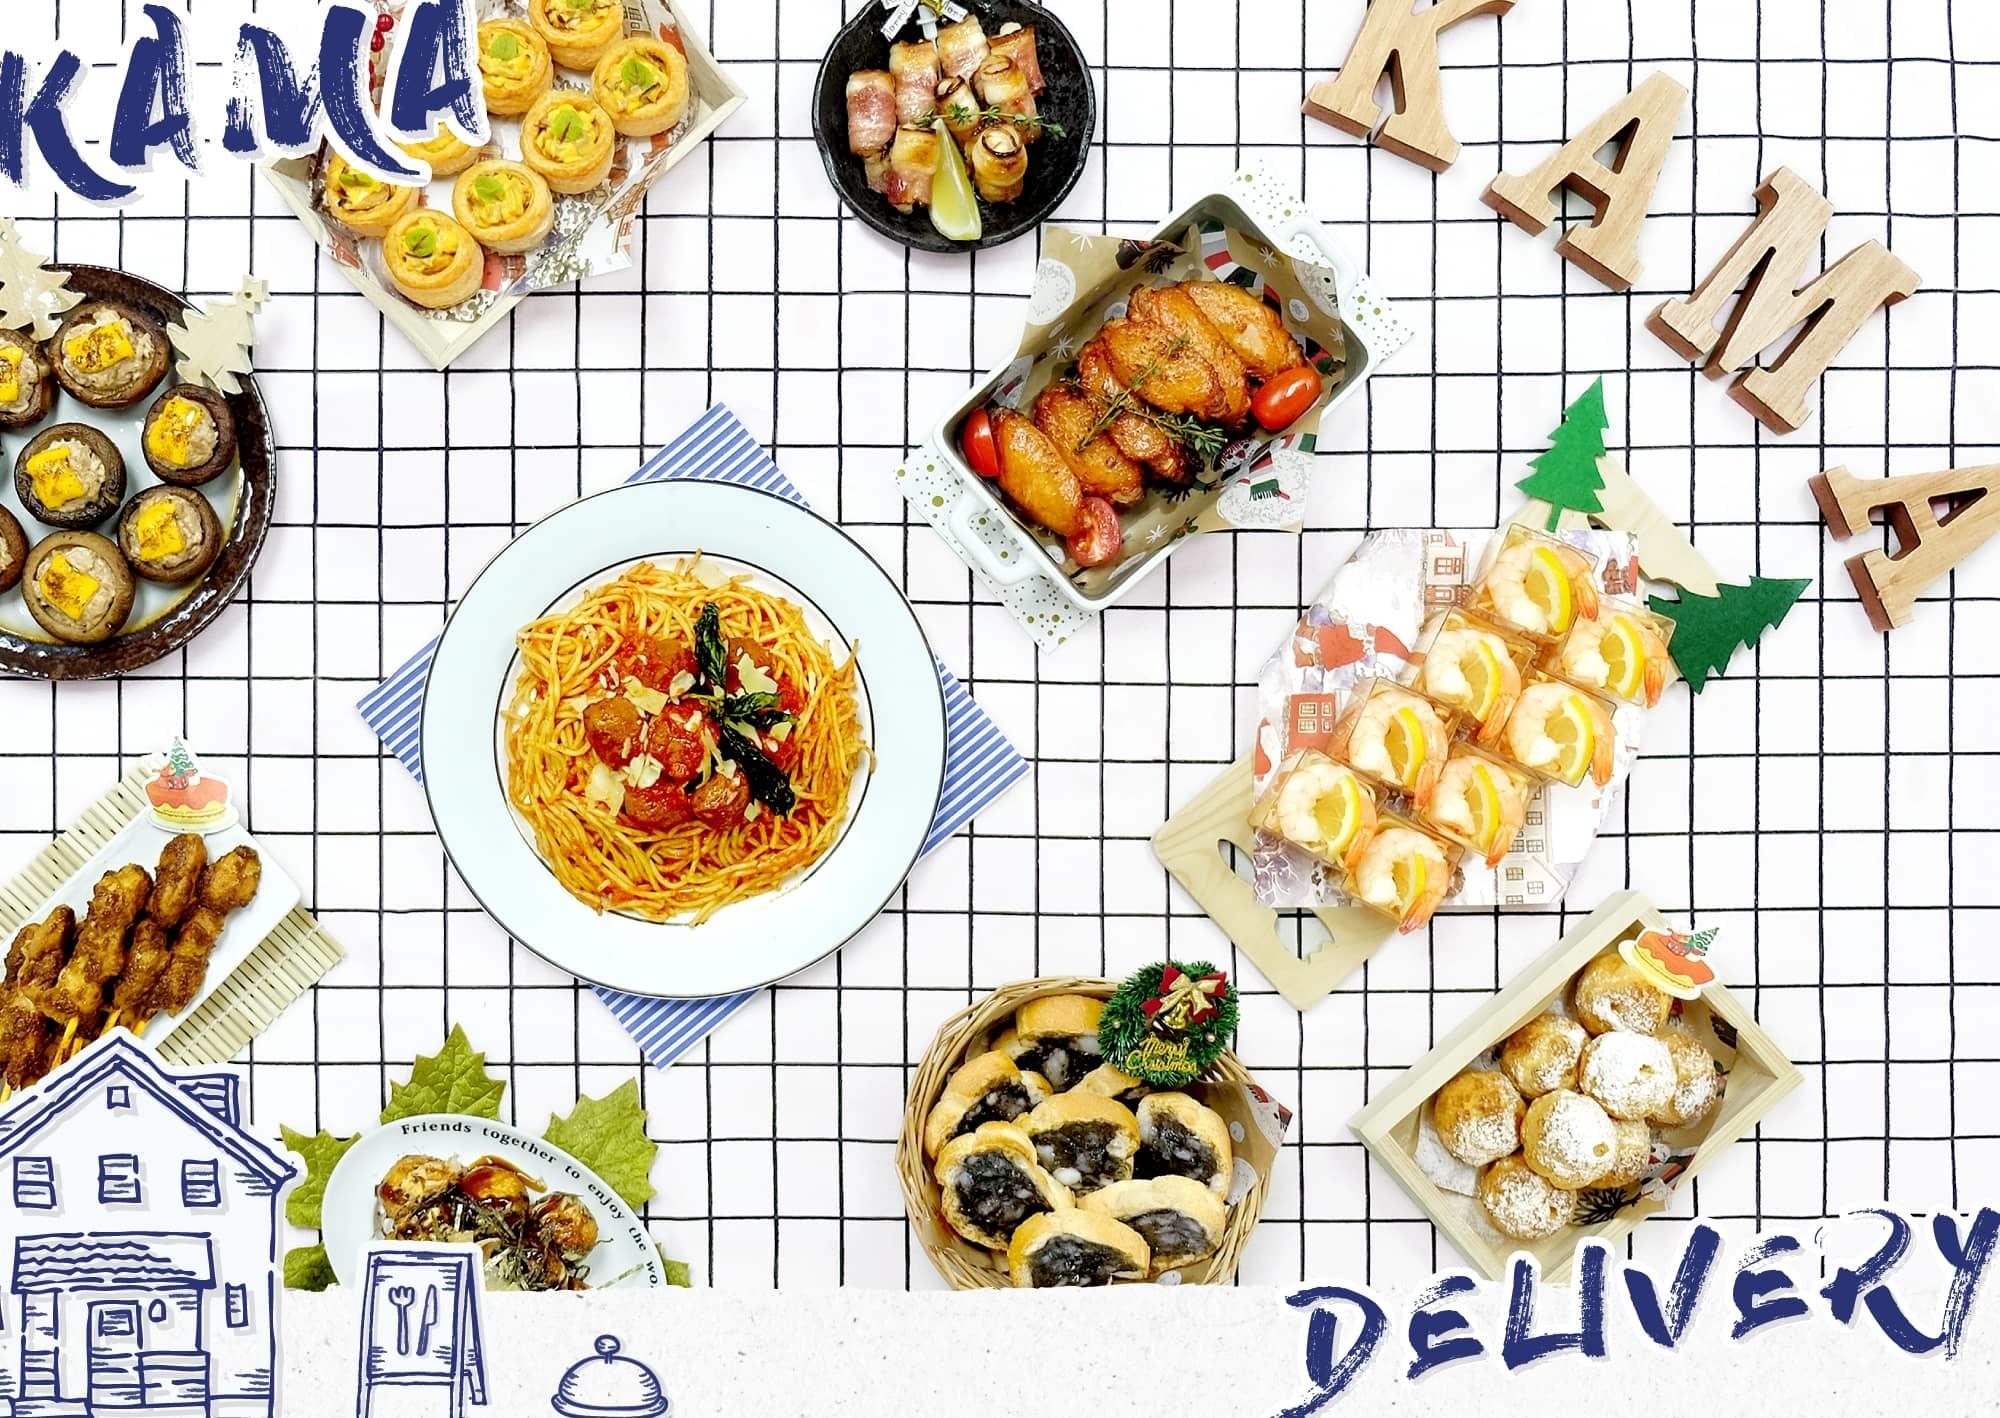 80人外賣套餐推介 Kama Delivery大型直送到會 精選自訂人數餐盒 特設全港免費送貨 大量美食任君選擇